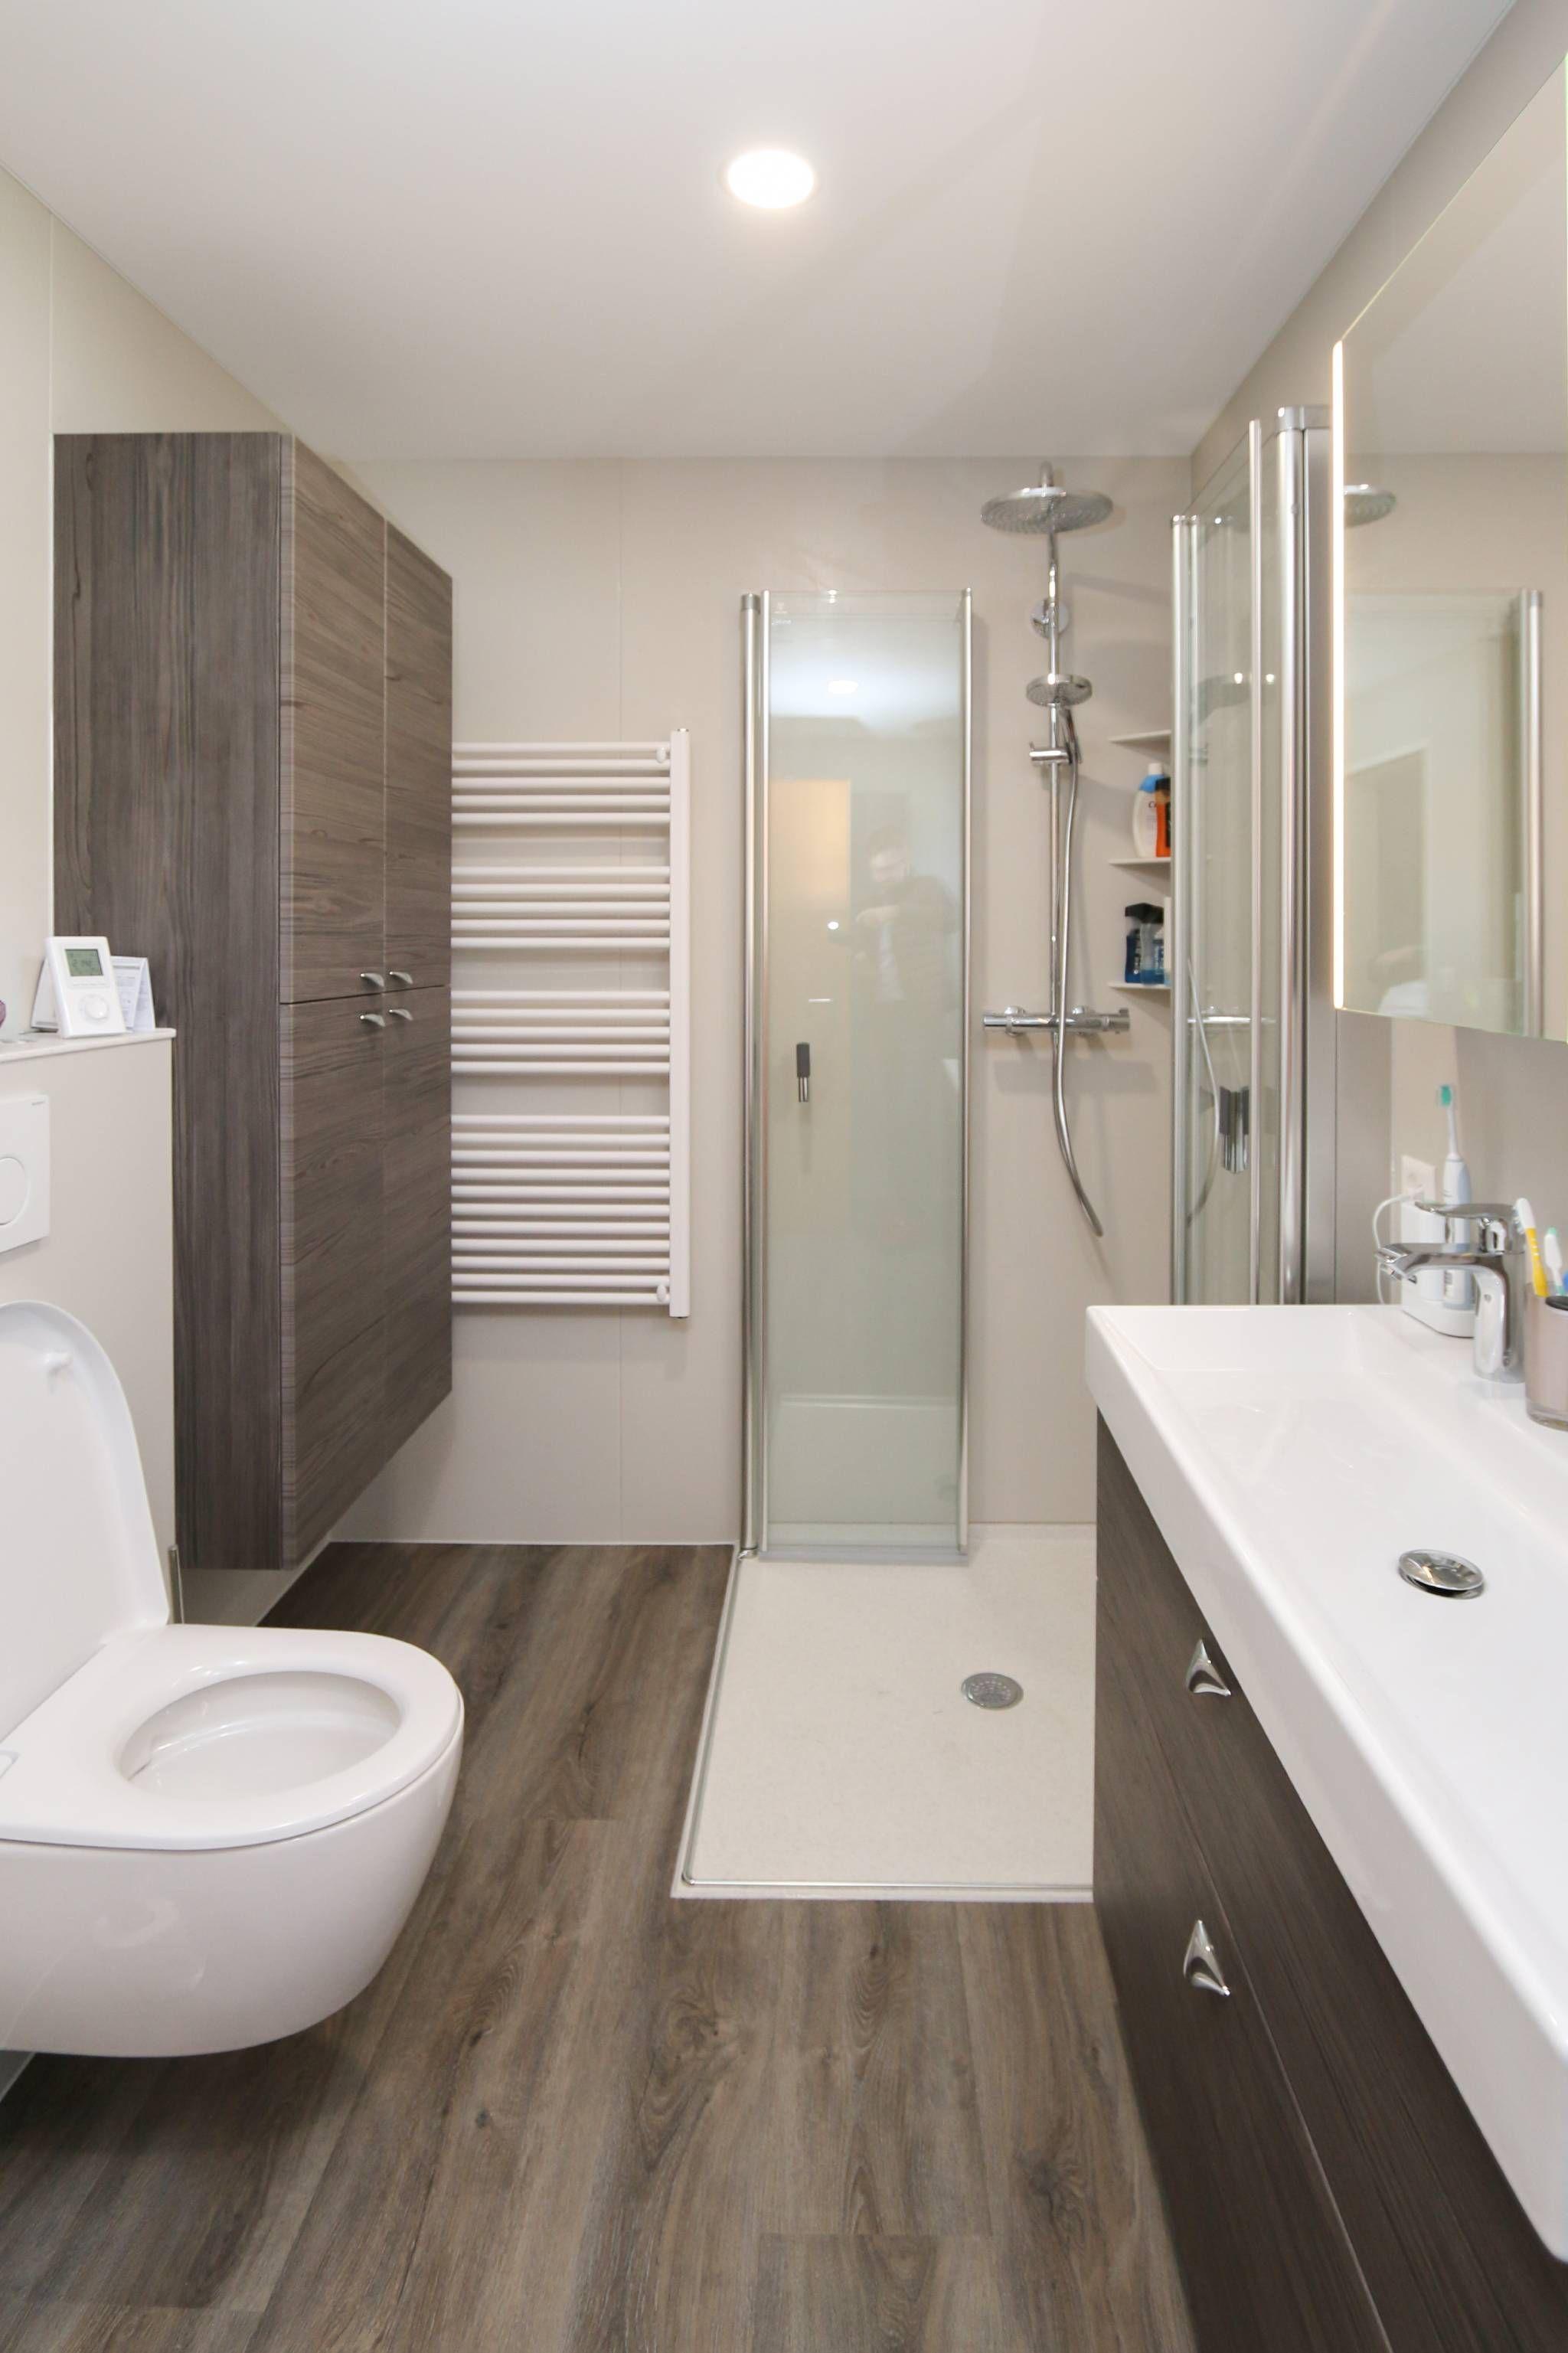 Komplettbadsanierung Von Viterma In 24h Kleine Badezimmer Design Badezimmer Renovieren Badezimmer Komplett